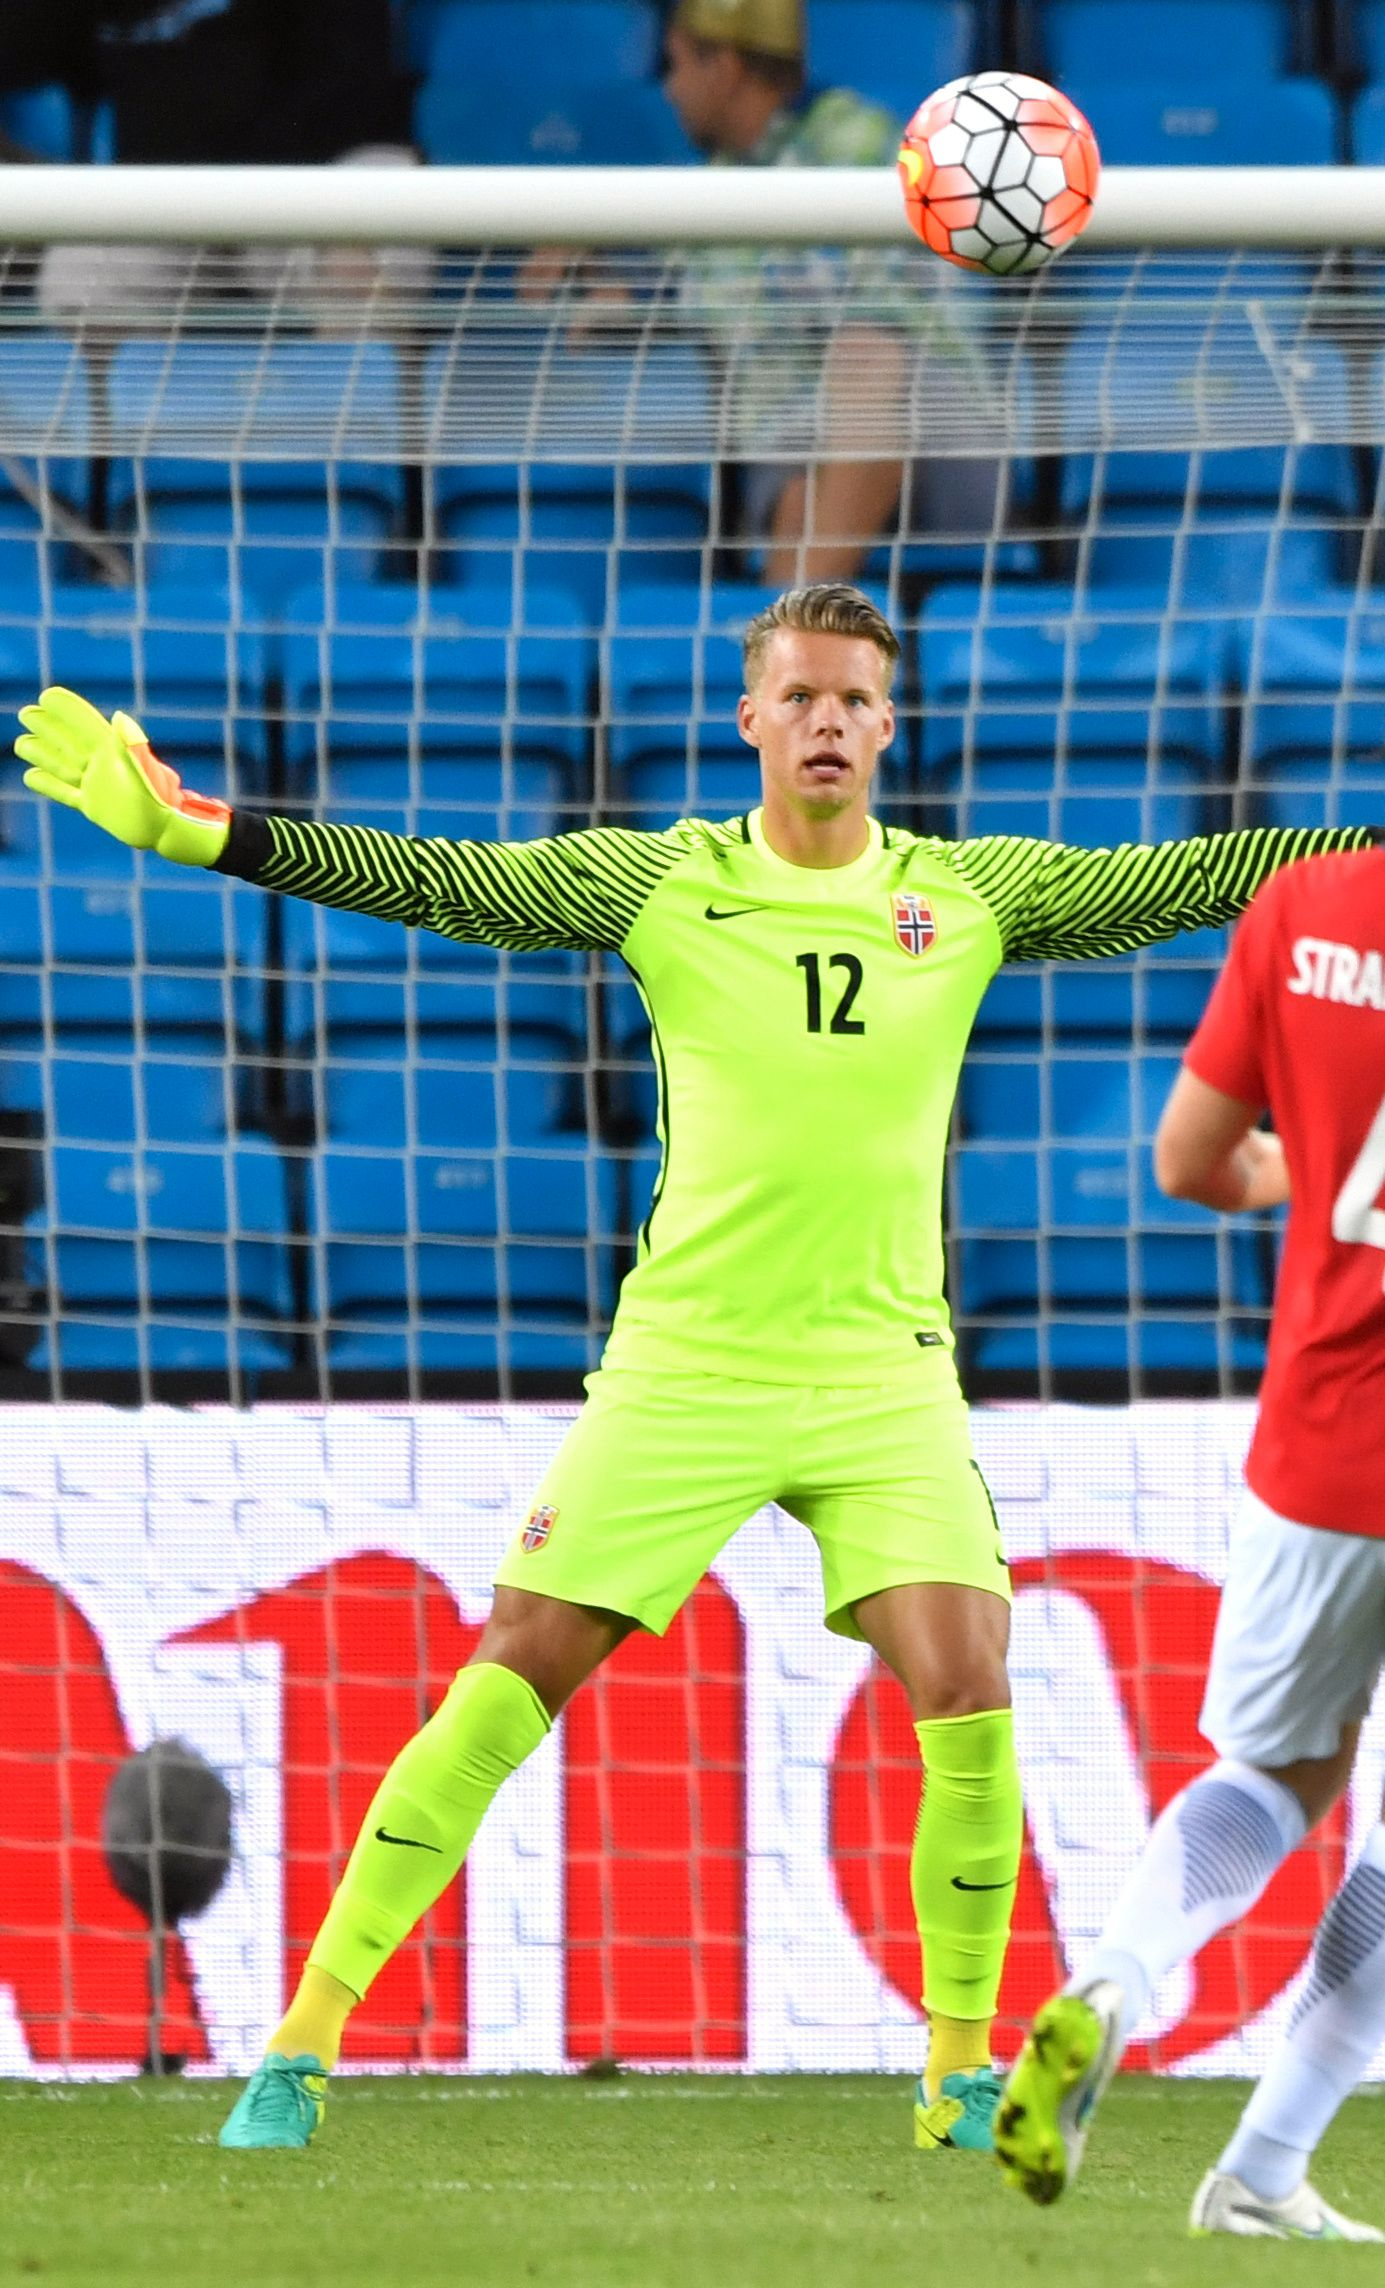 TROR PÅ FORNYET TILLIT: Ørjan Håskjold Nyland føler seg trygg på at han spiller også i søndagens VM-kvalifiseringskamp mot Tyskland.